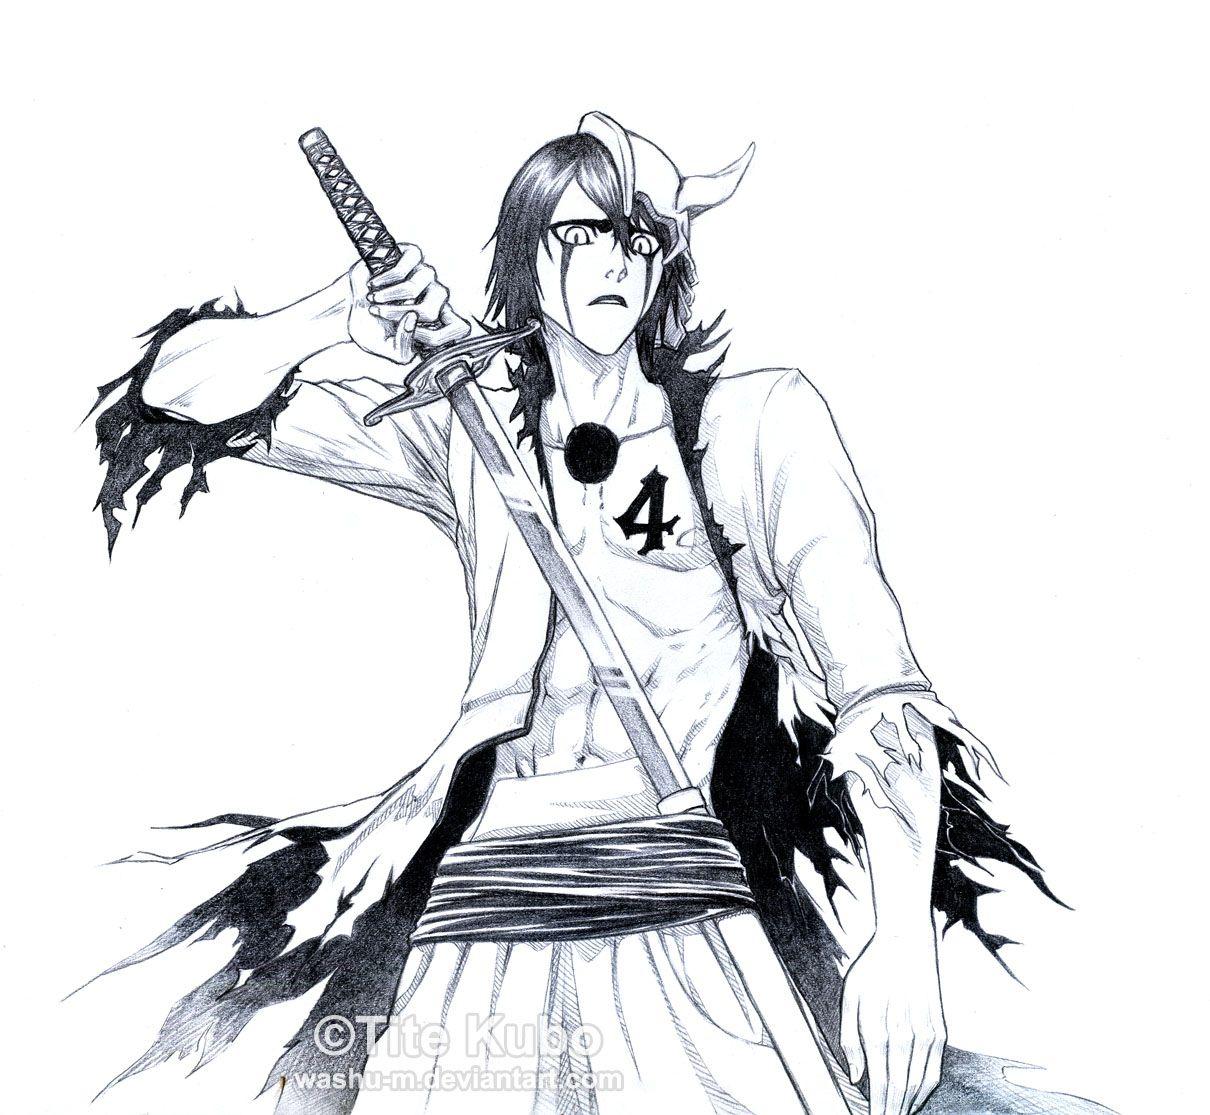 Bleach Ulquiorra Get Lost By Washu M On Deviantart Bleach Anime Bleach Characters Bleach Manga